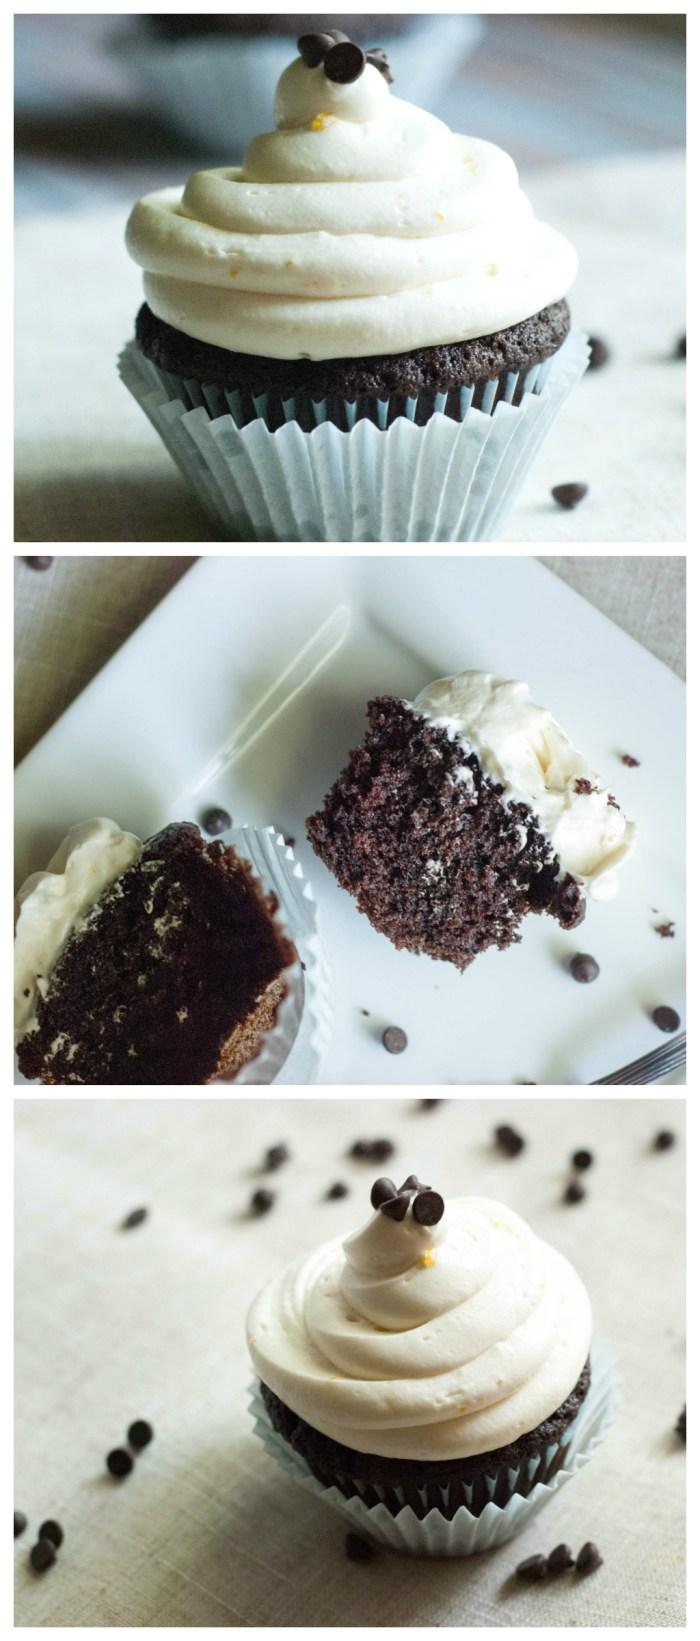 chocolatecupcakes2